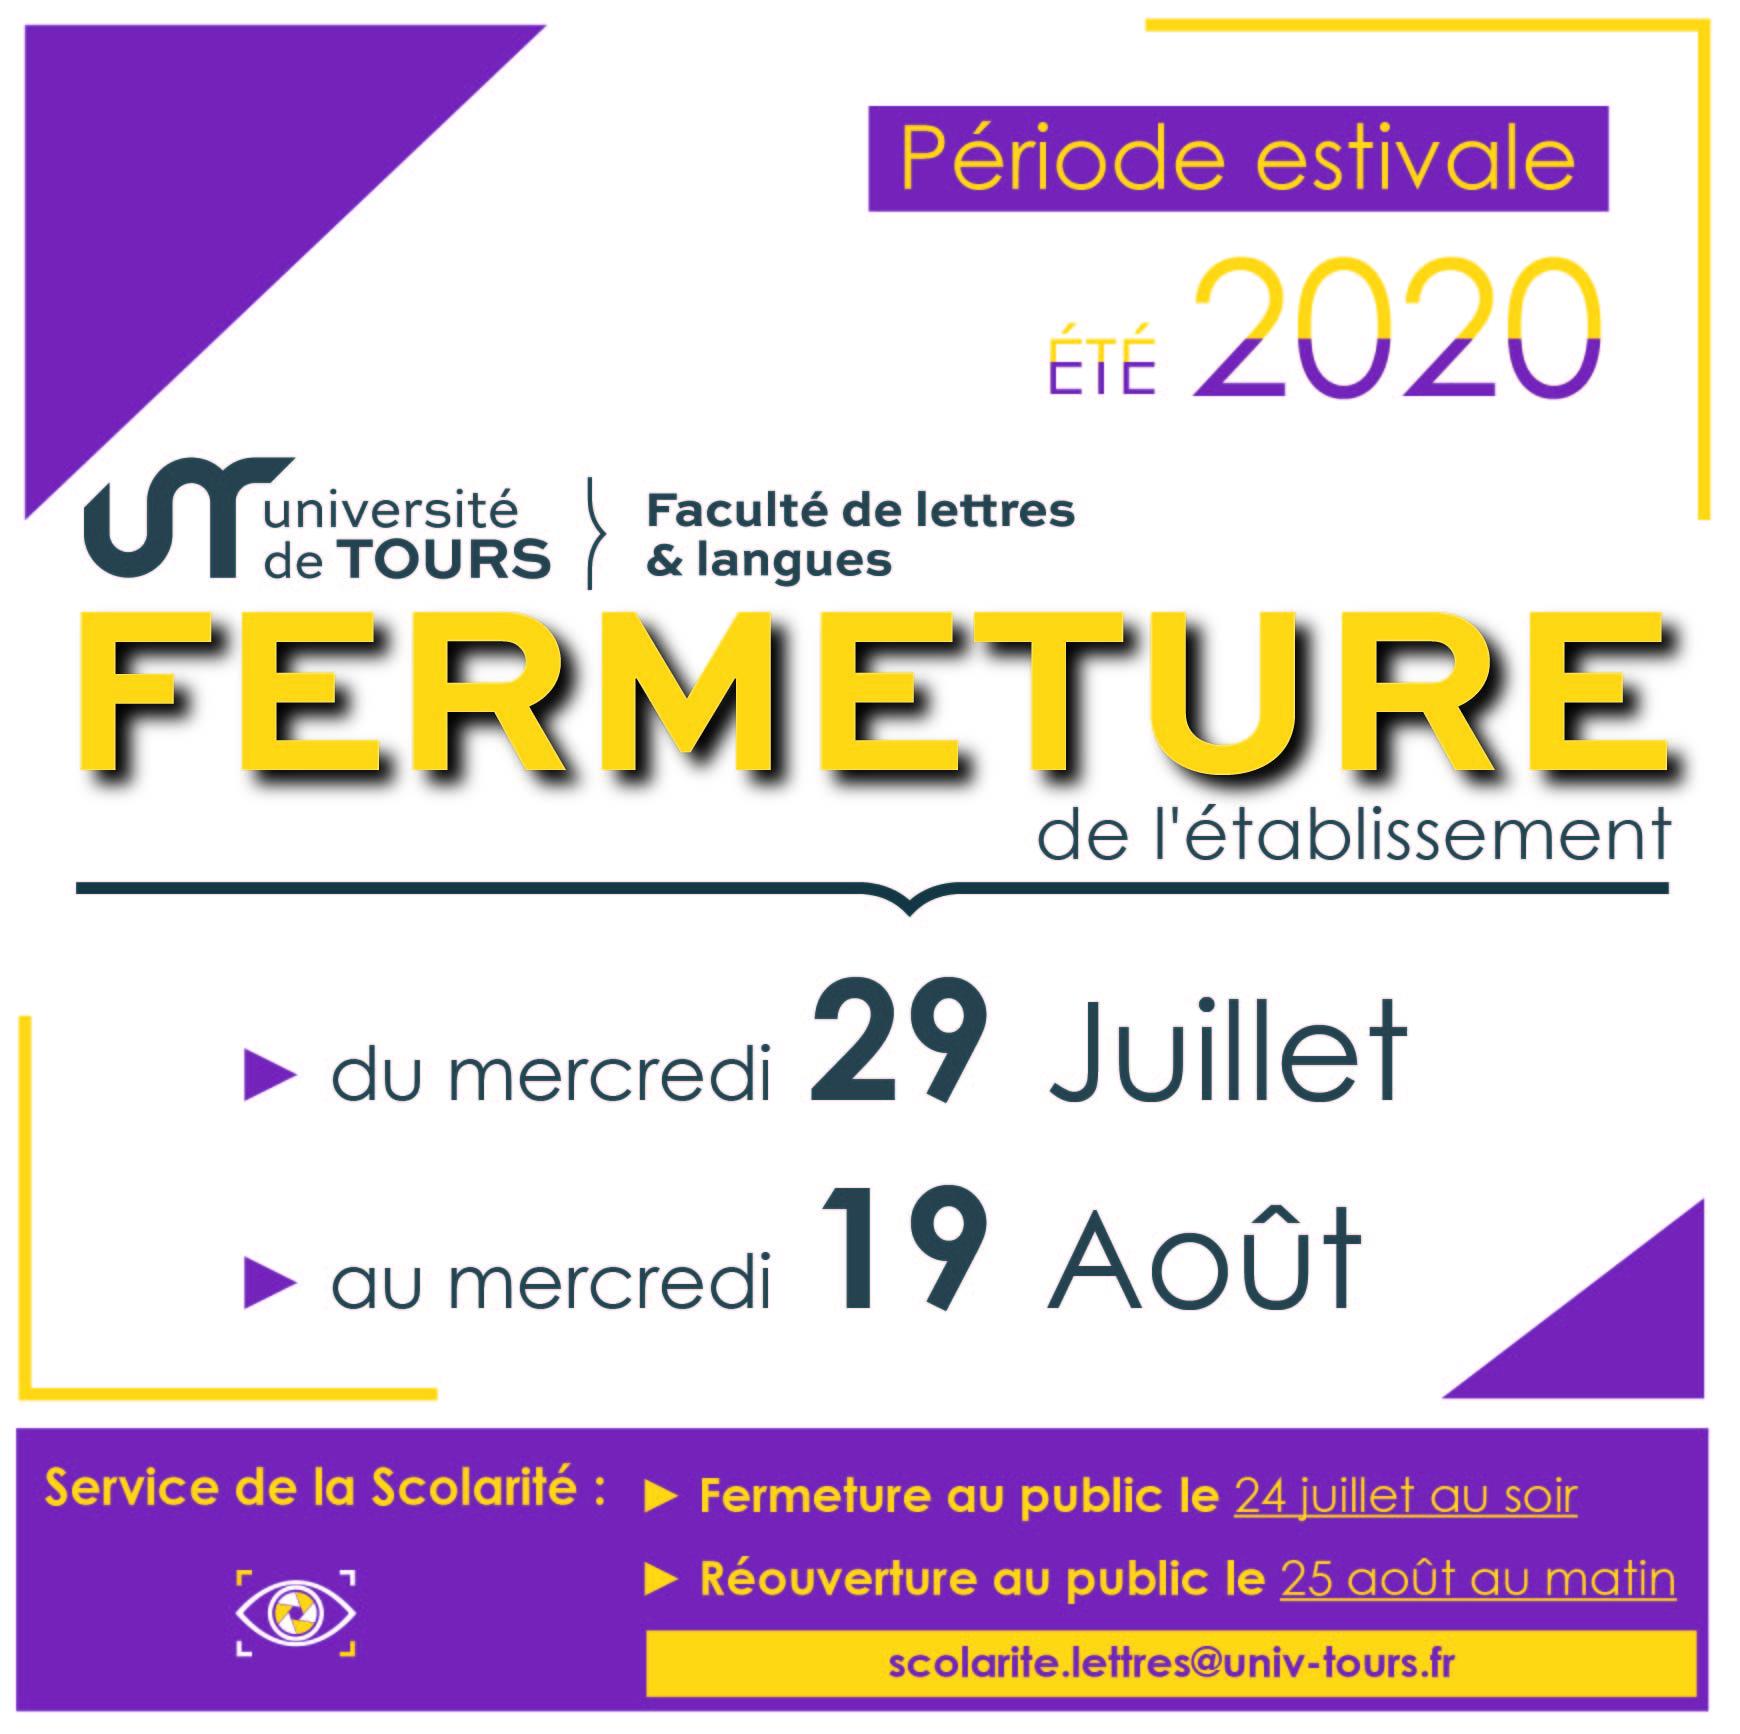 ETE-2020_Fermeture-Lettres-du-19-Juil.-au-19-Aout